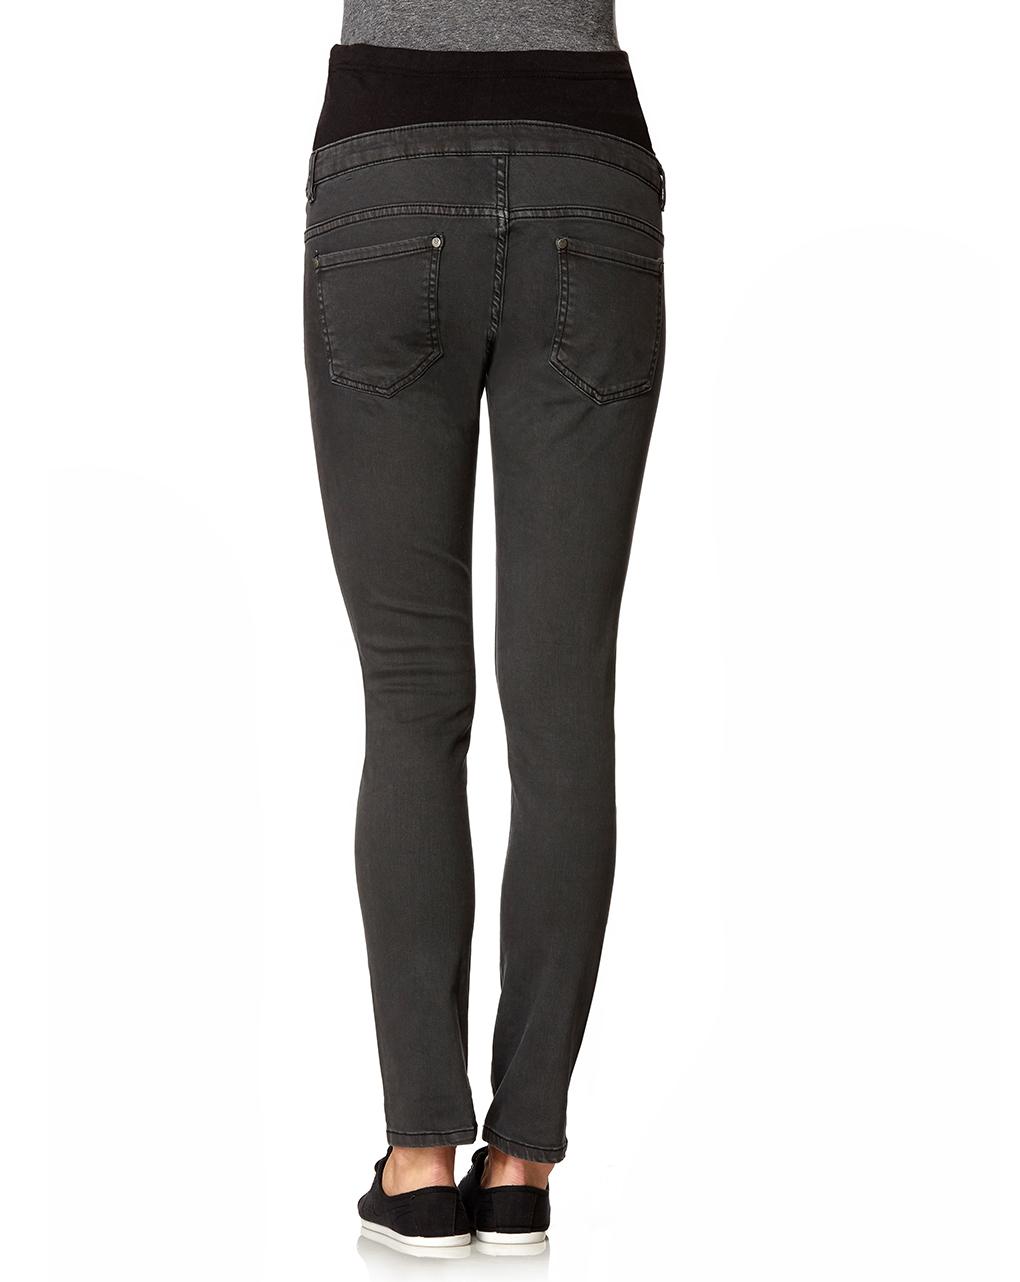 Pantaloni in denim nero - Prénatal